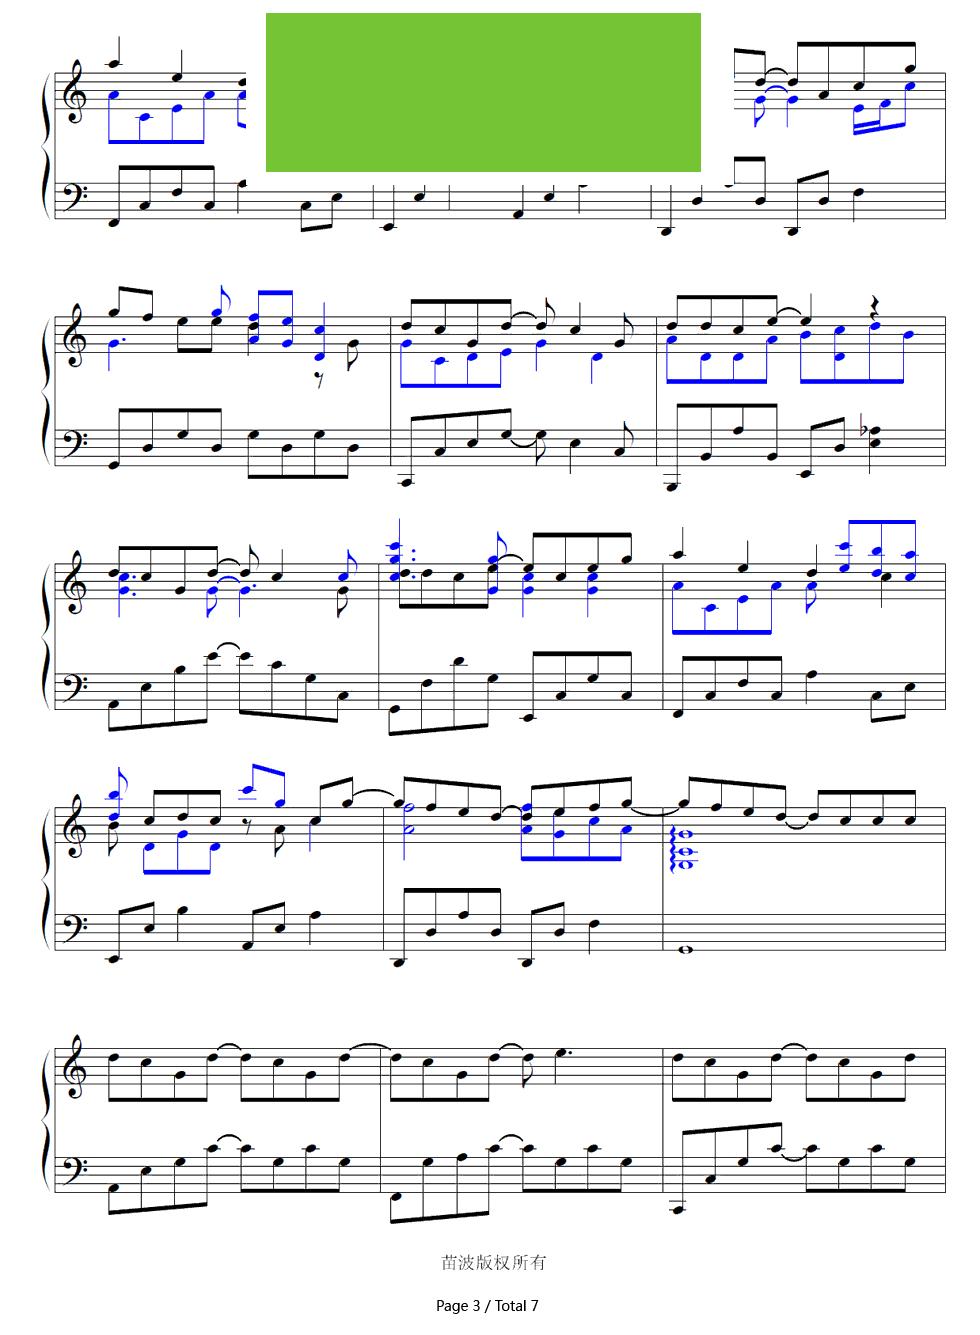 蜻蜓(二声部合唱曲谱谱)(简谱)   吉他奏谱(五线谱)